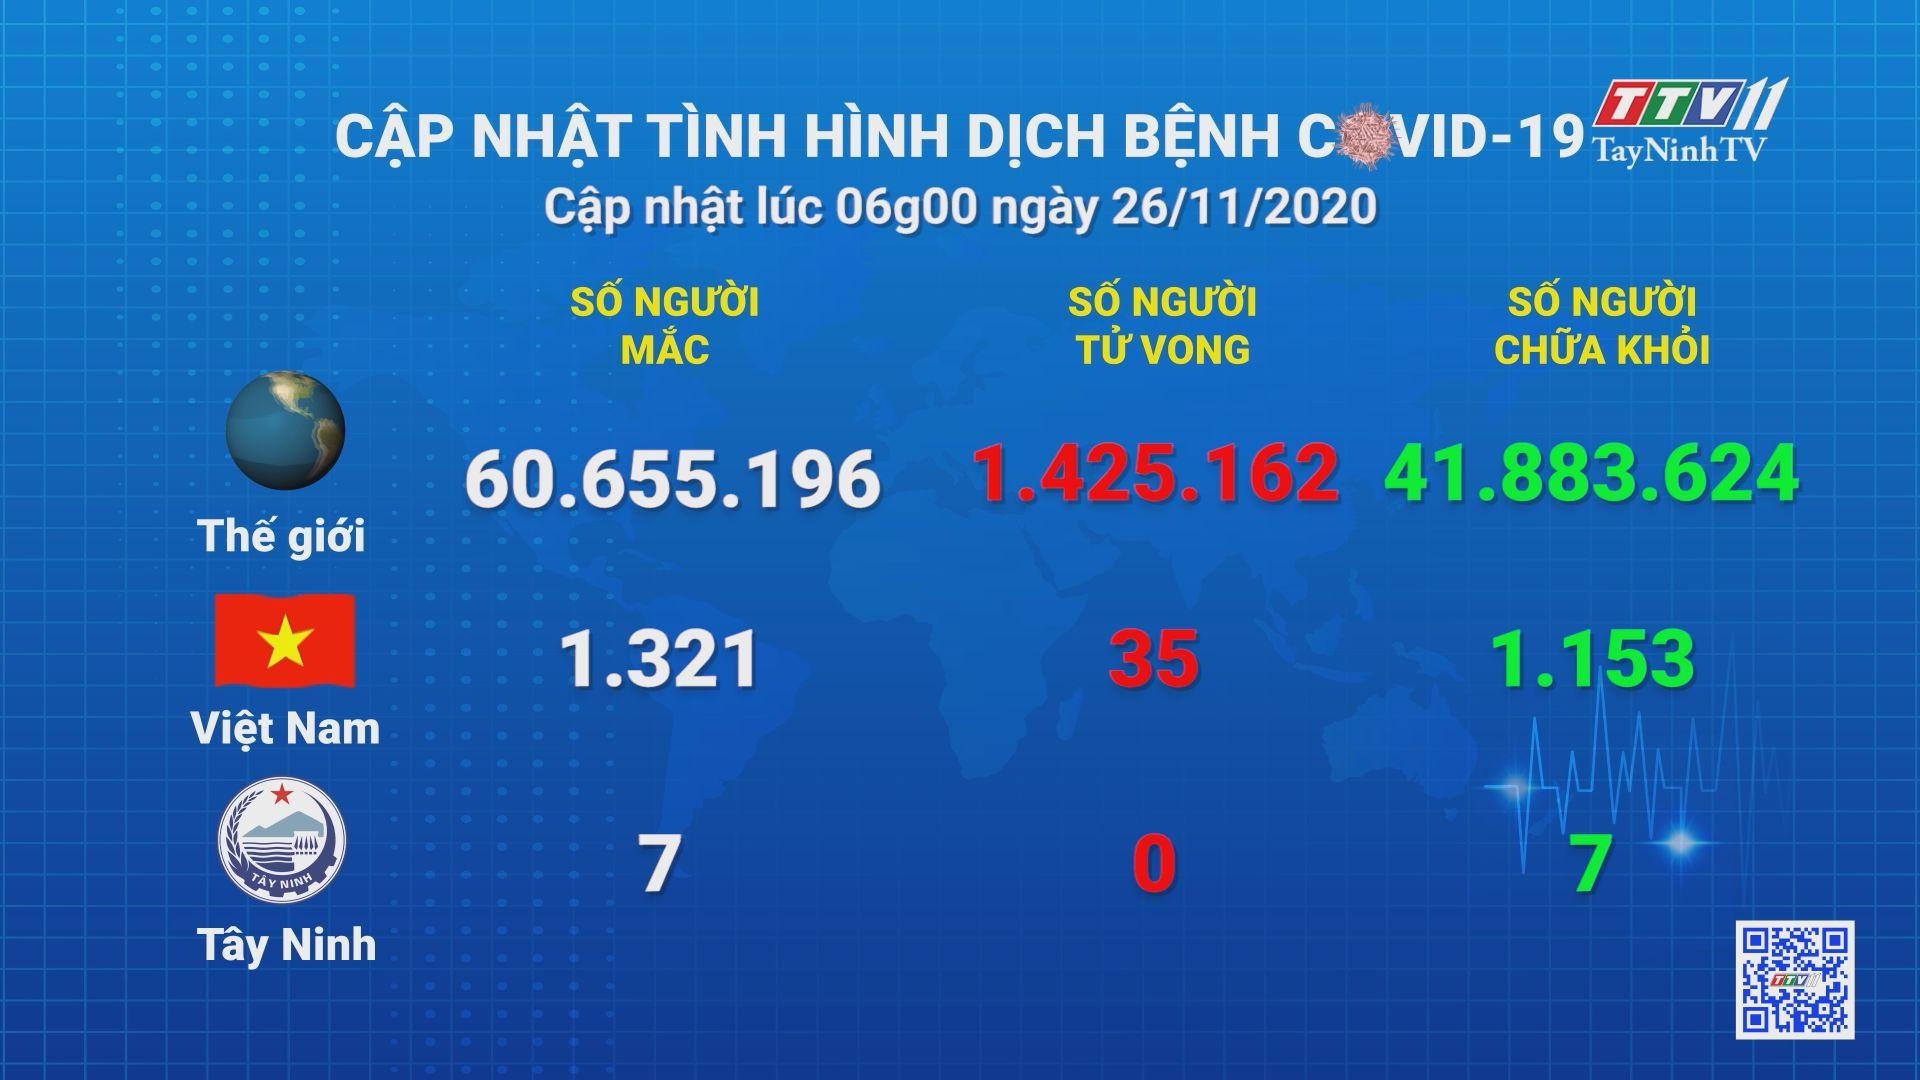 Cập nhật tình hình Covid-19 vào lúc 06 giờ 26-11-2020 | Thông tin dịch Covid-19 | TayNinhTV